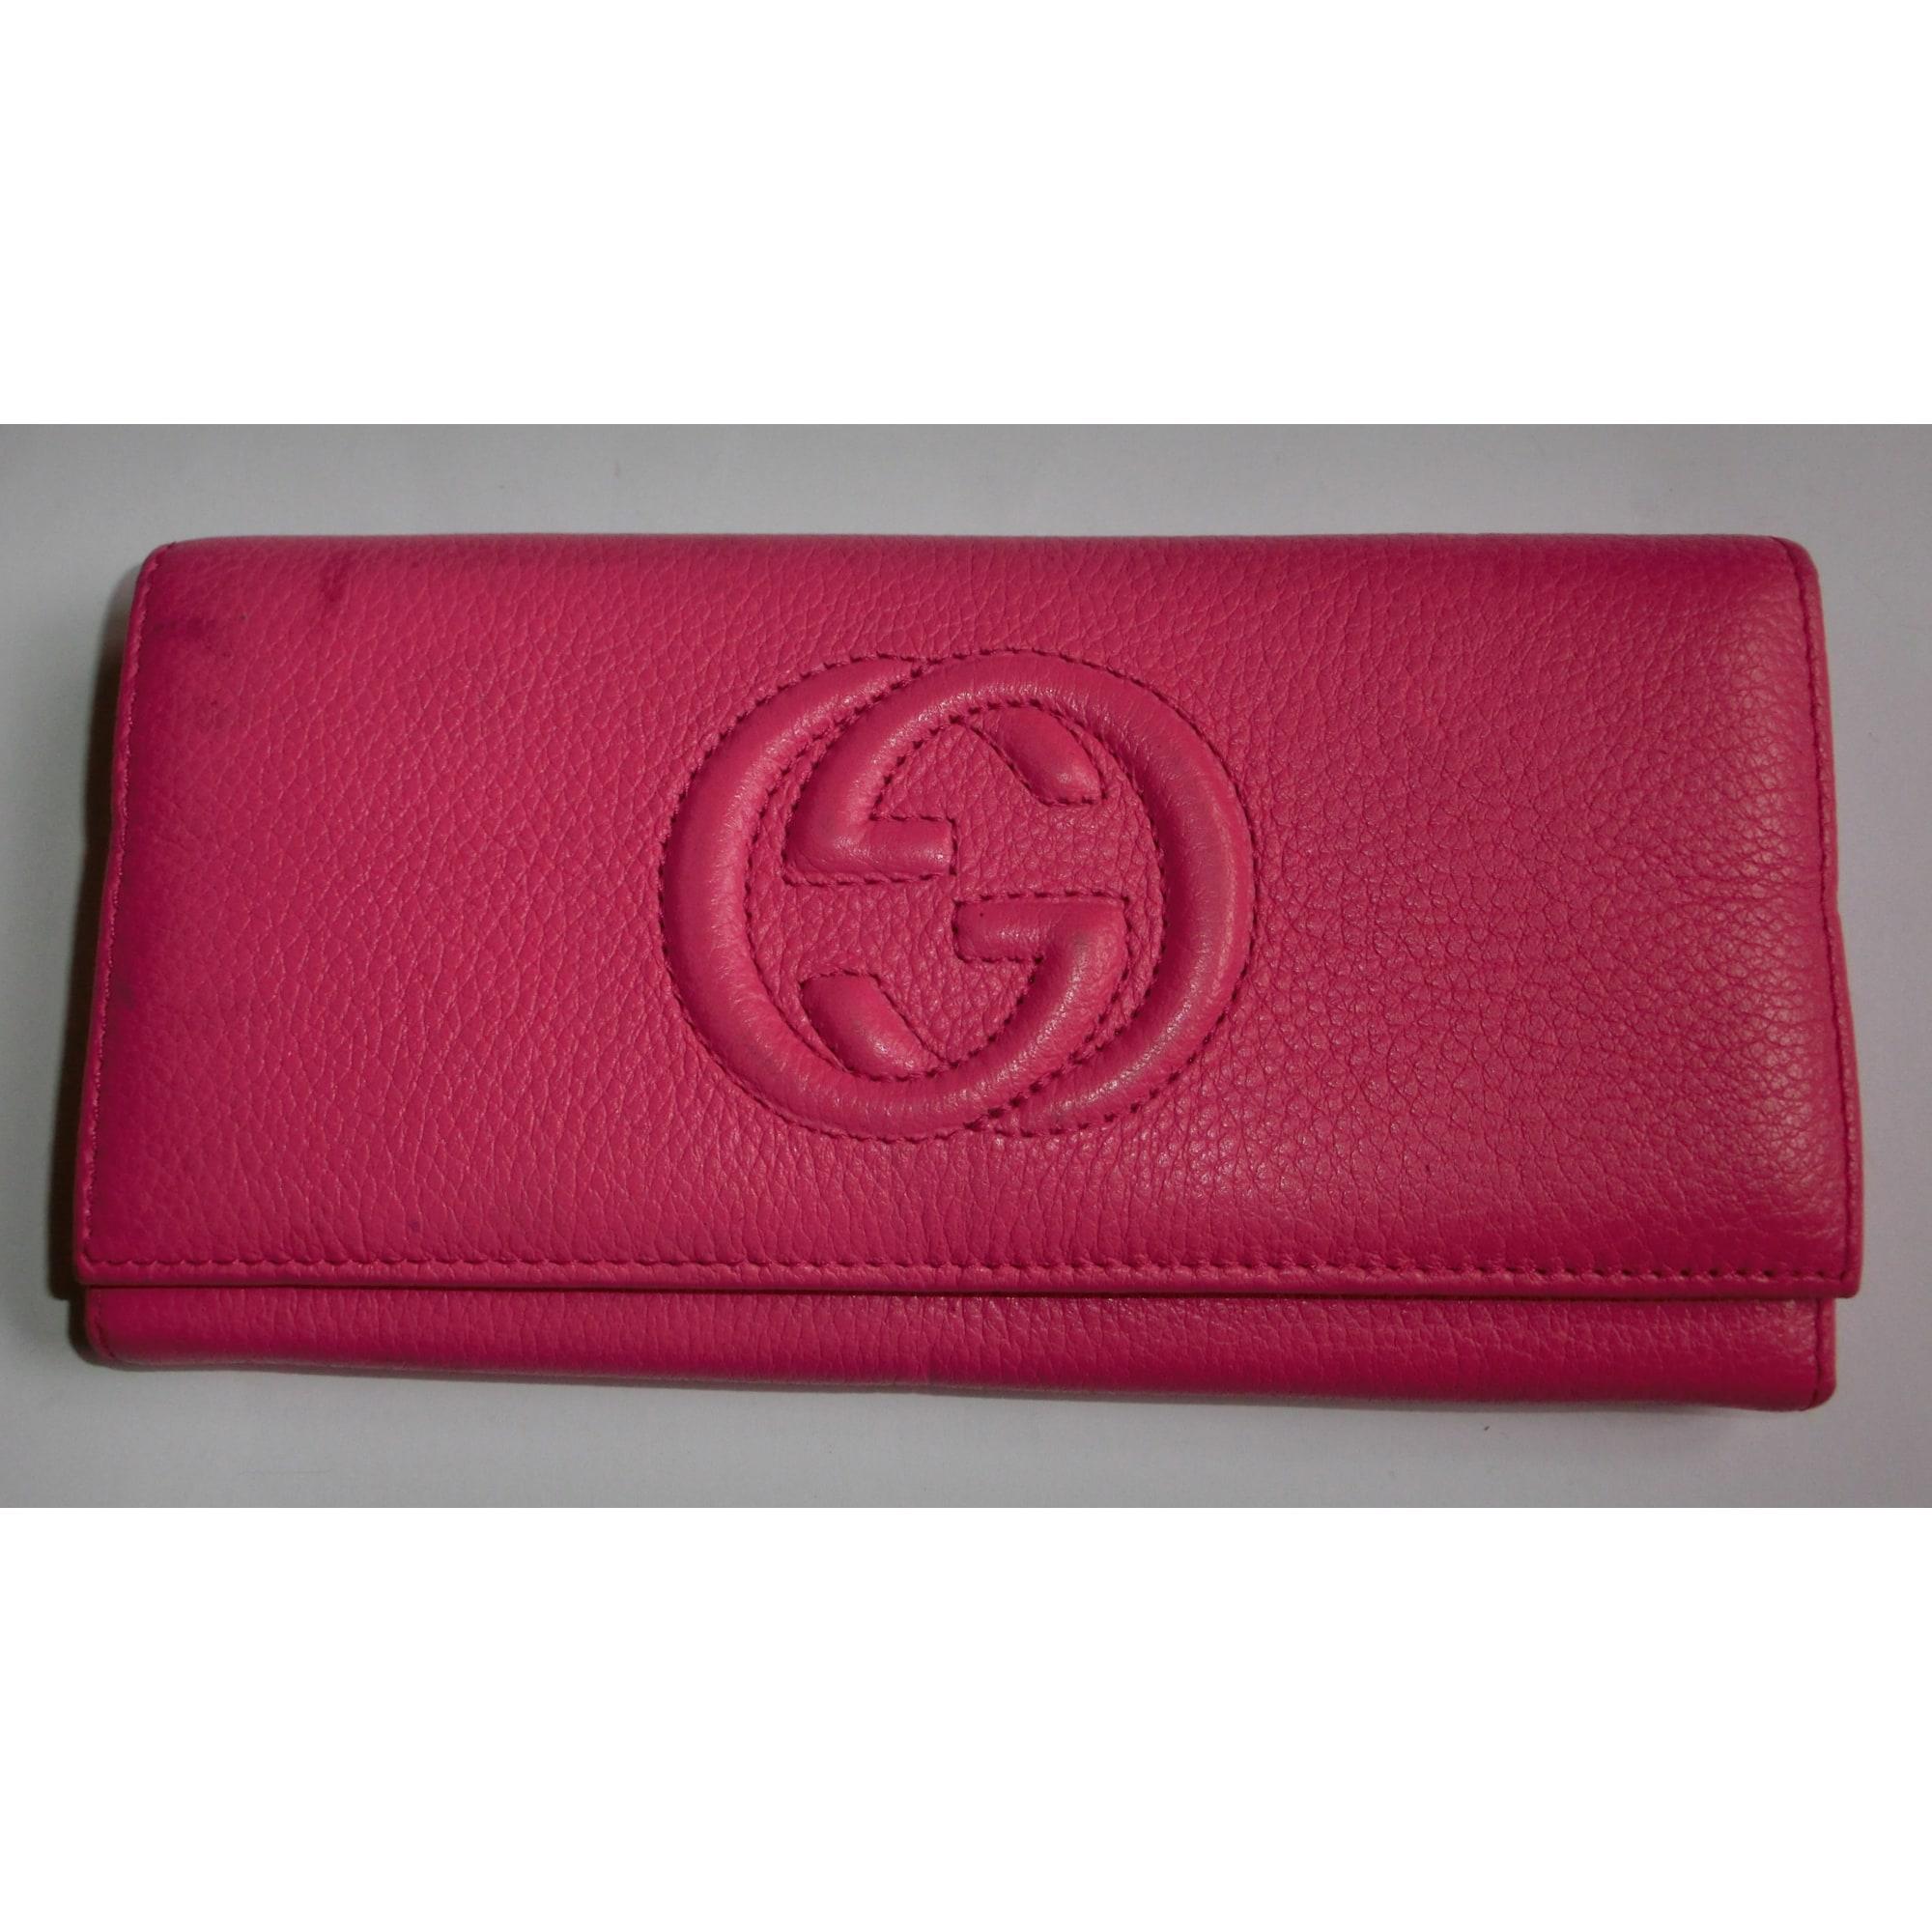 82a8dfb125f46 Portafoglio GUCCI rosa - 3324779